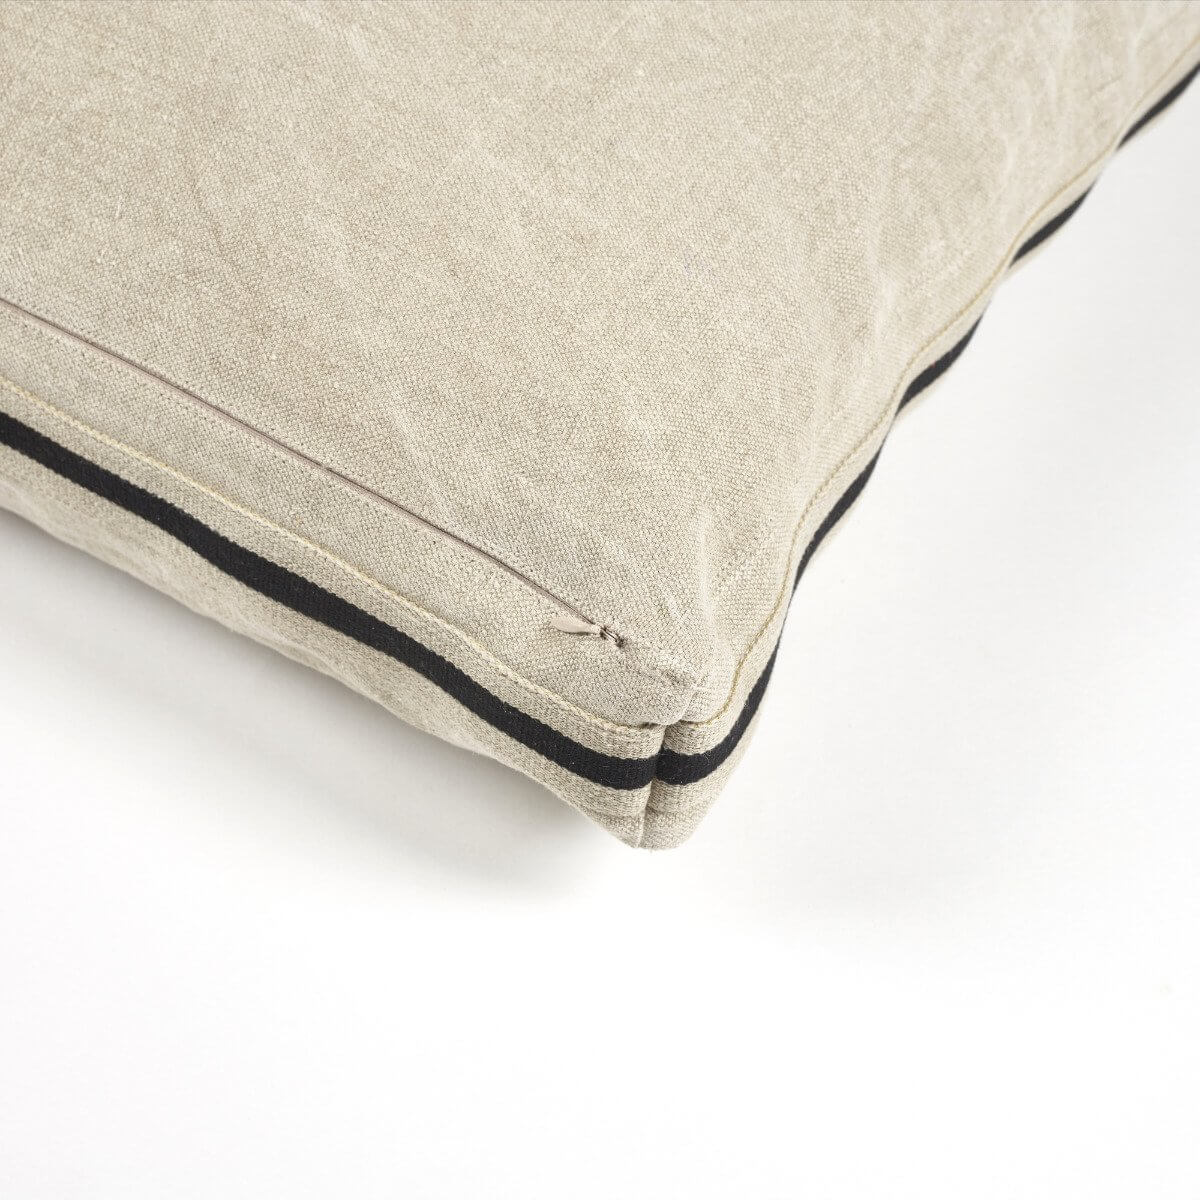 James Floor Cushion - Flax-3